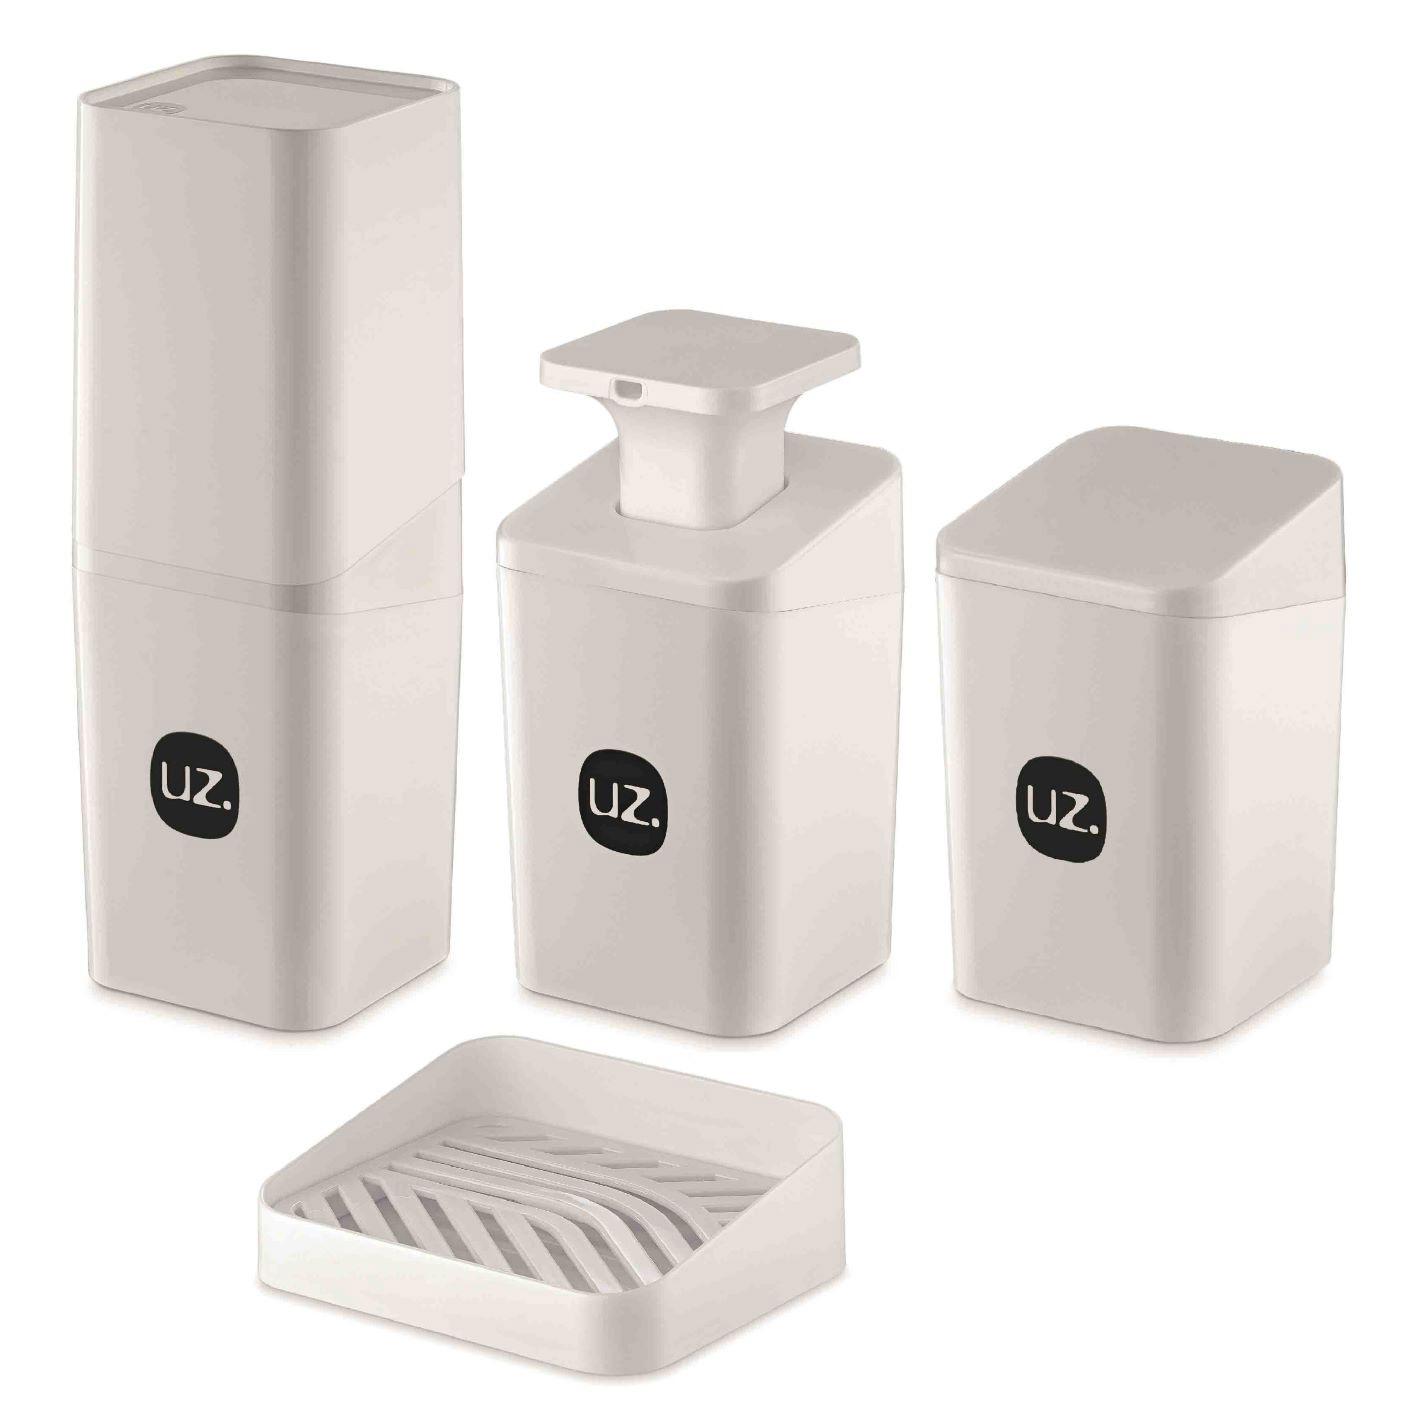 Kit Higiene Banheiro 4 Peças Slim Com Porta Escova Uz Branco